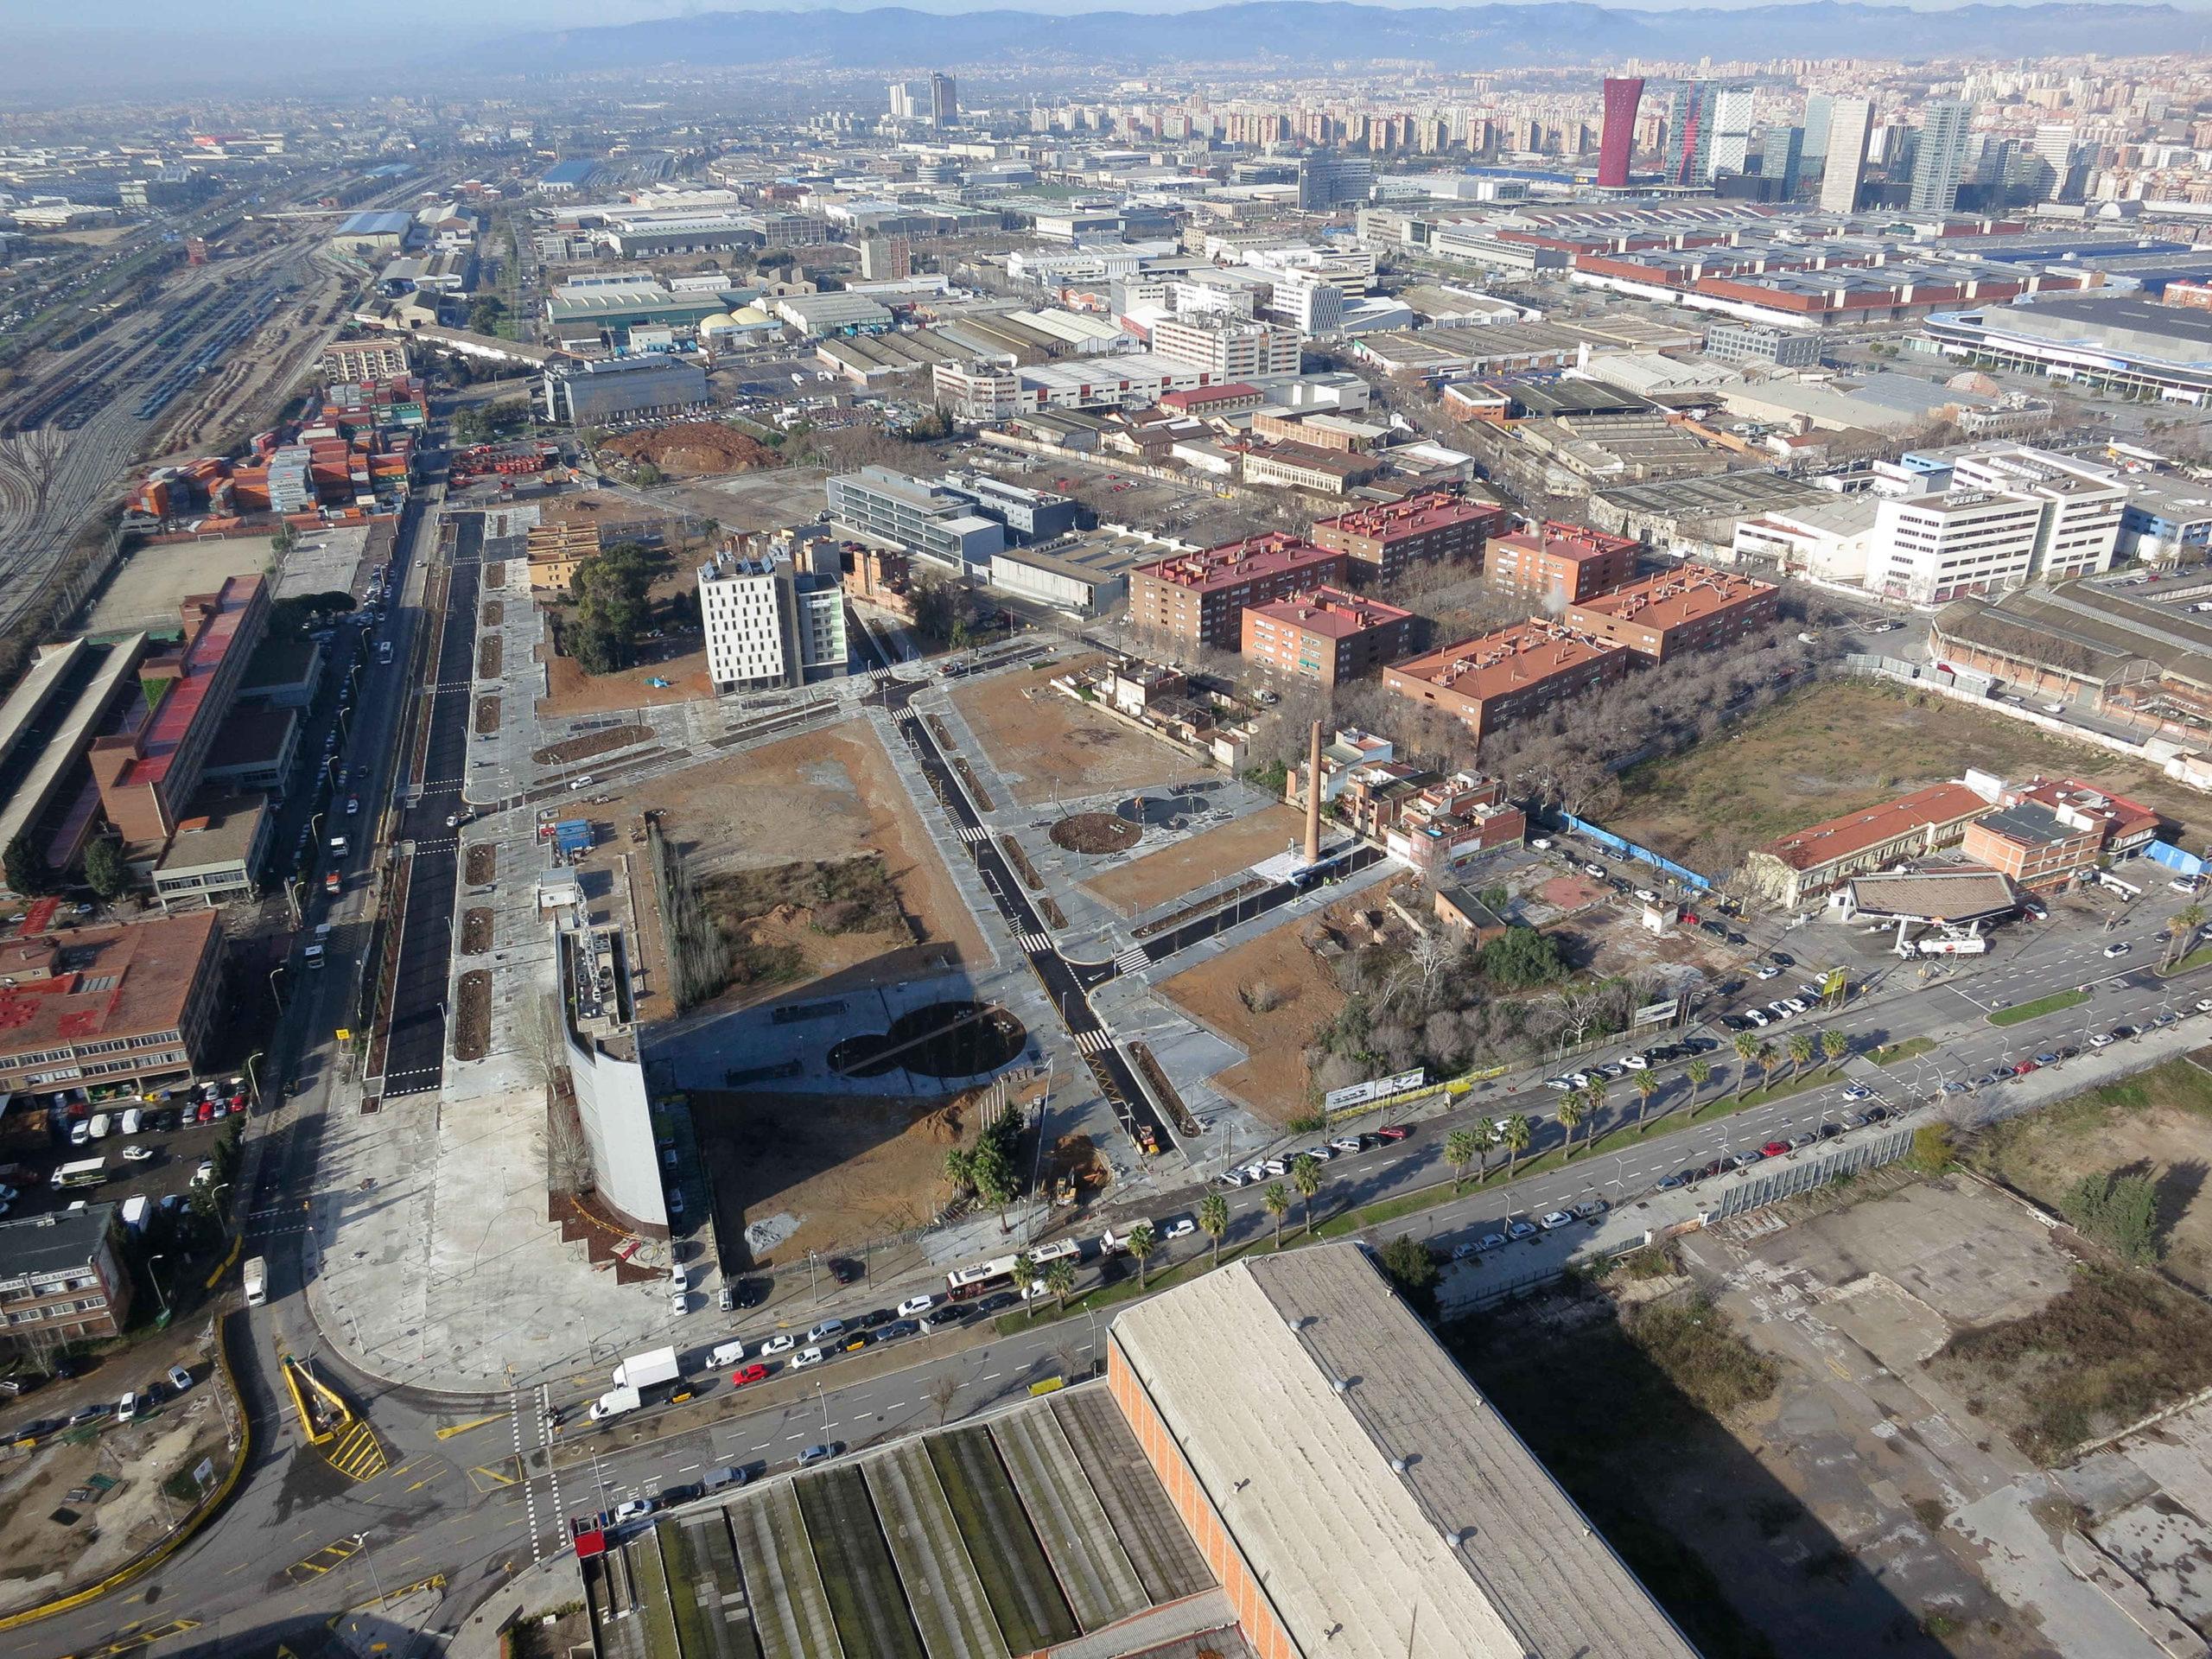 La Marina del Prat Vermell, al districte de Sant-Montjuïc, és una de les zones de Barcelona amb més potencial per construir / CZFB